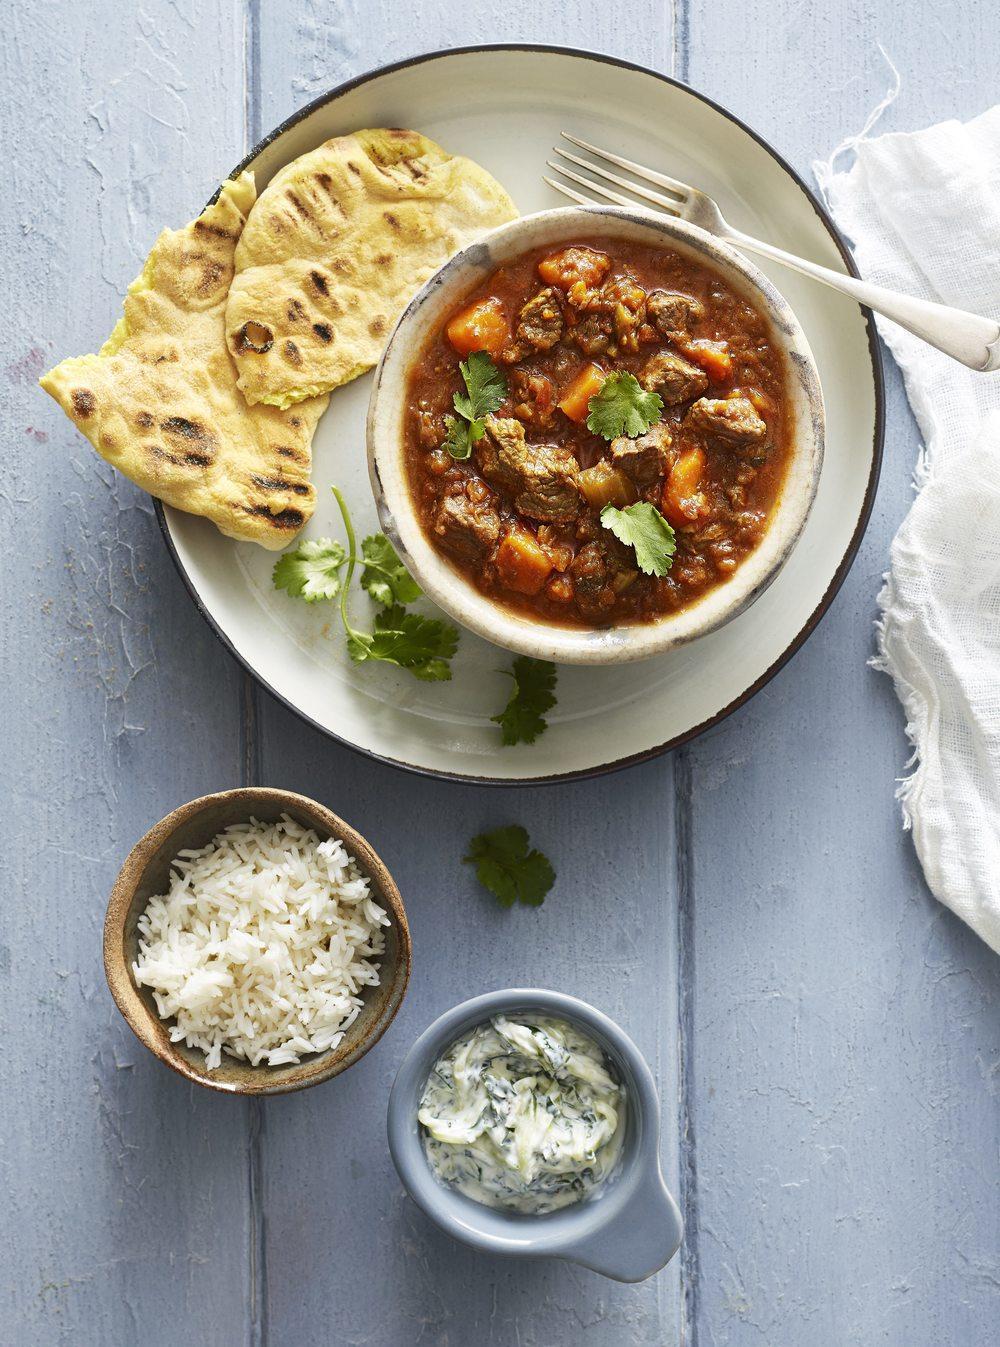 Korma Lamb Curry